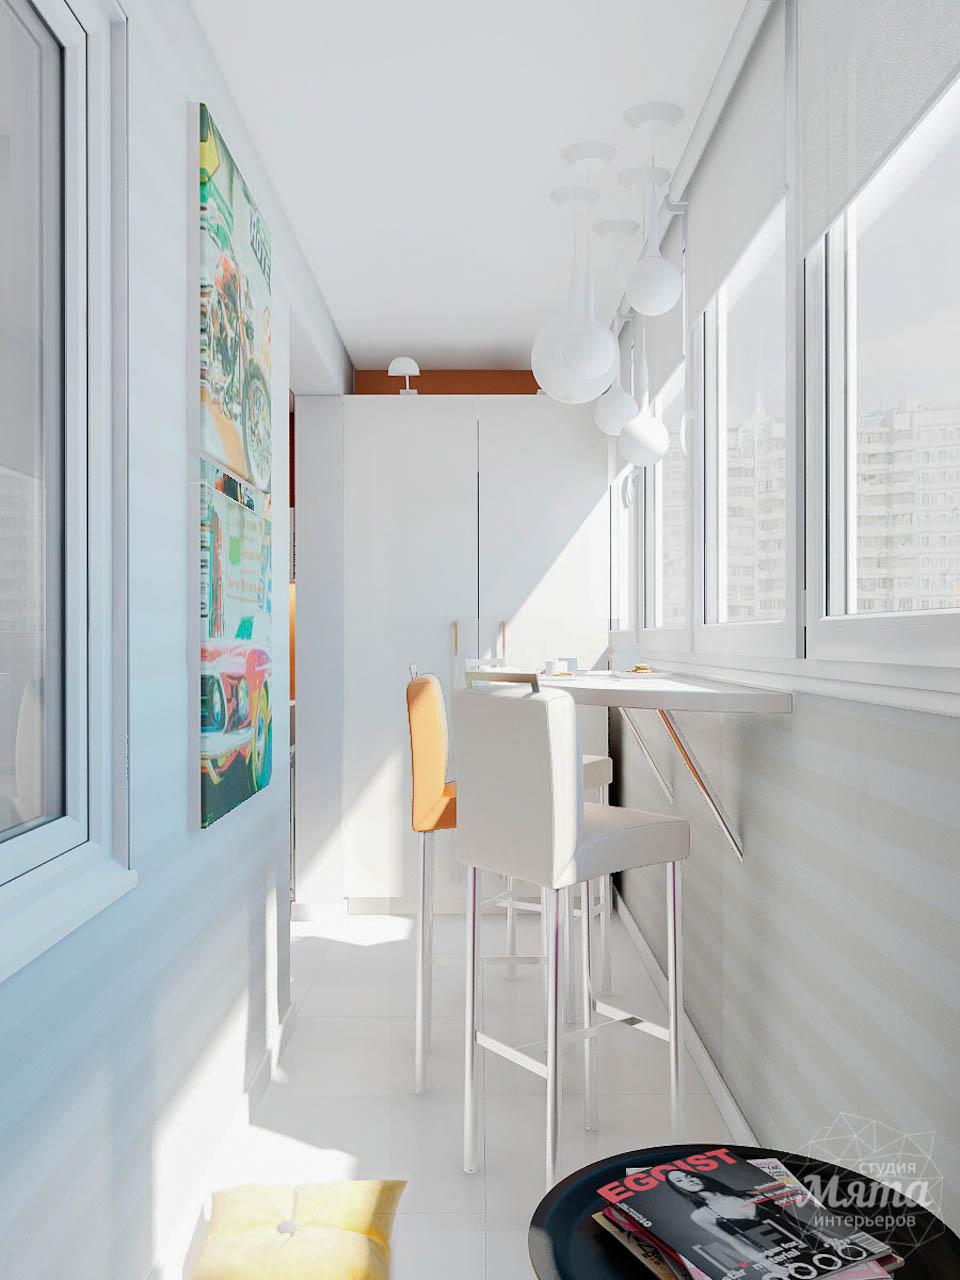 Дизайн интерьера однокомнатной квартиры в современном стиле по ул. Агрономическая 47 img1247577589